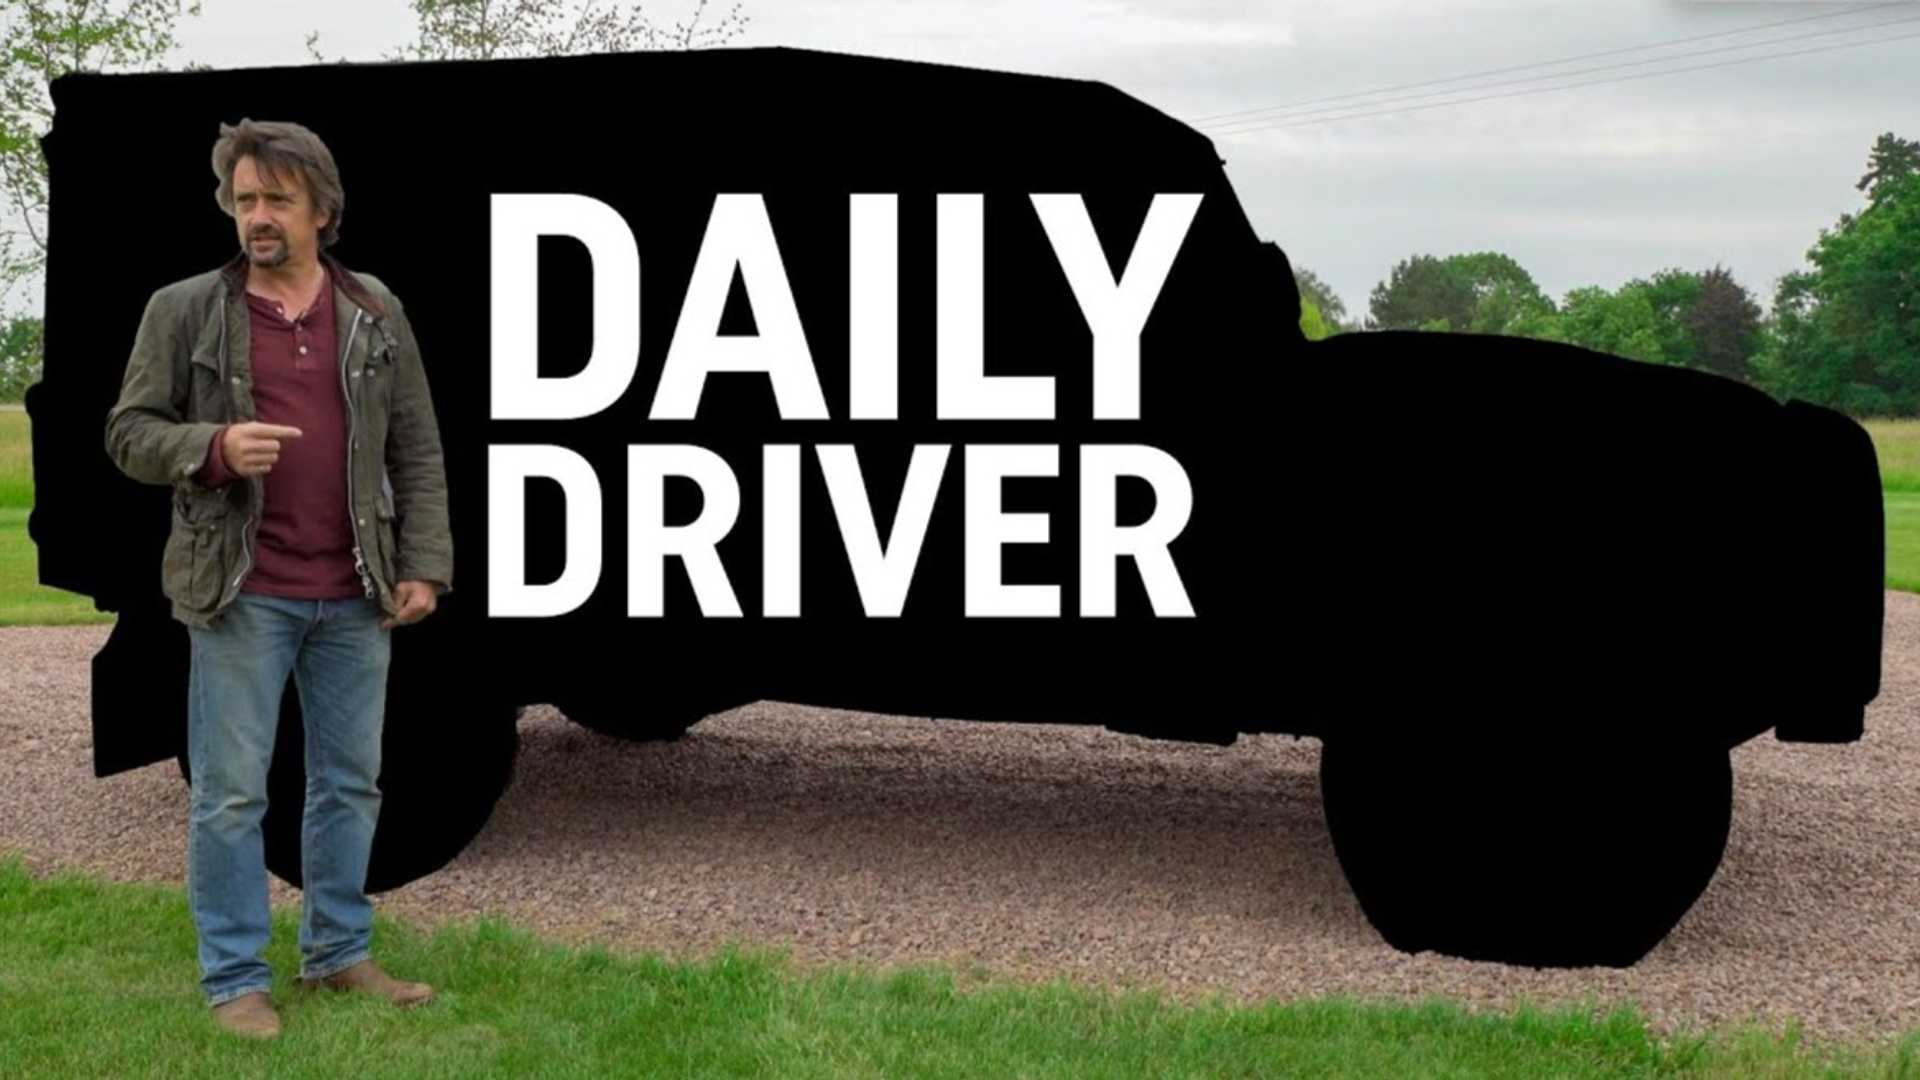 Ричард Хаммонд демонстрирует свой ежедневный автомобиль